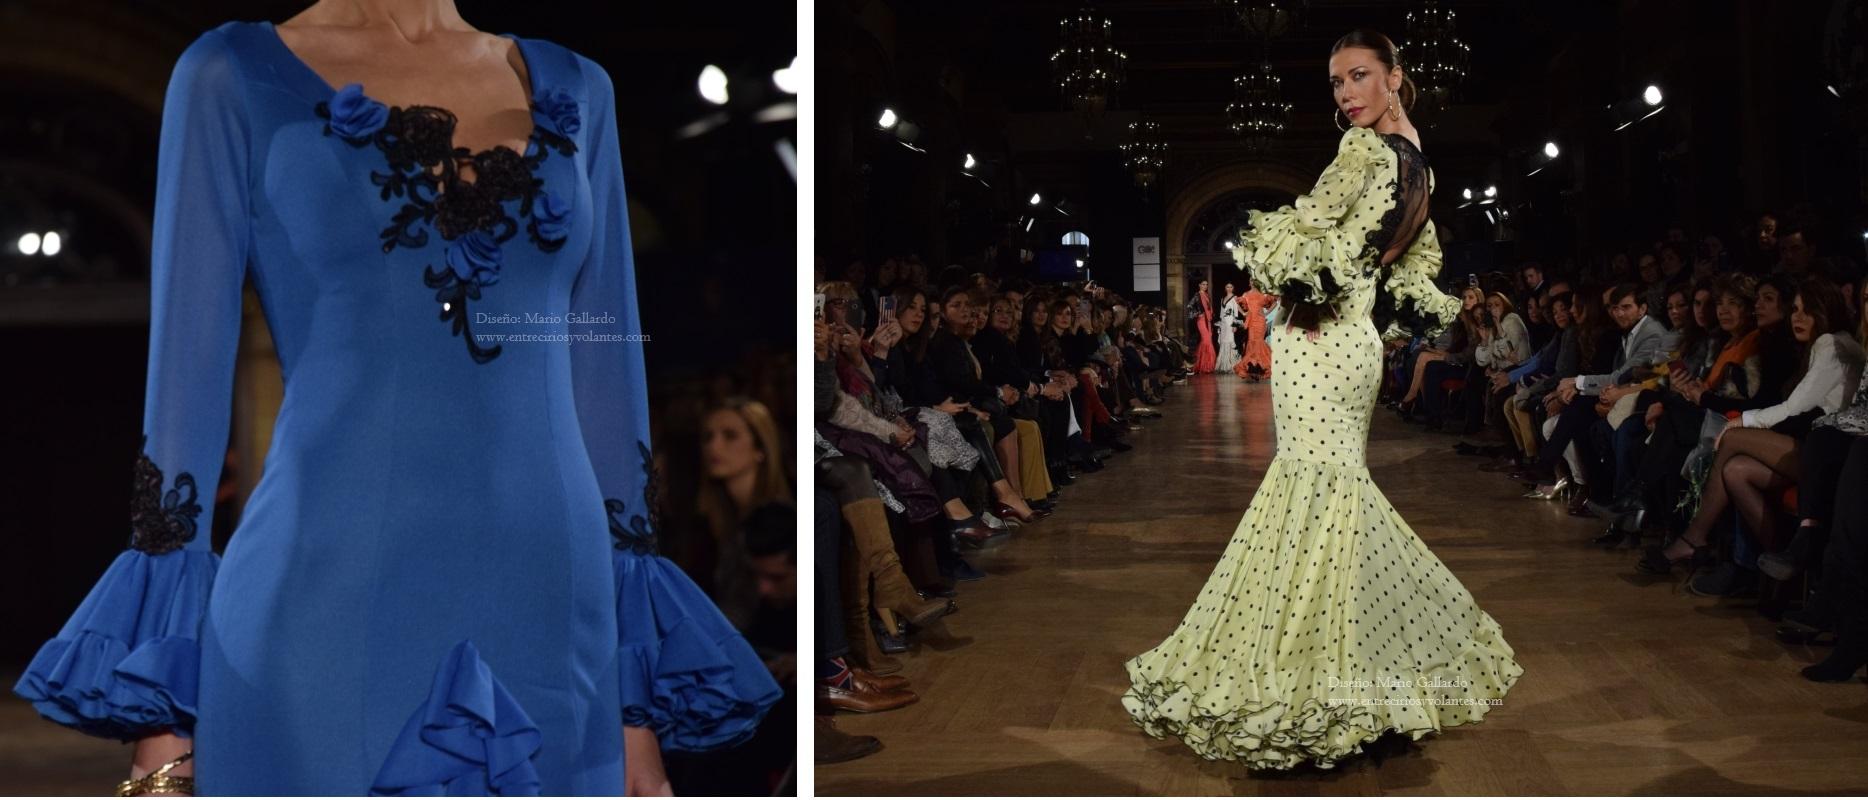 mario-gallardo-trajes-de-flamenca-2016